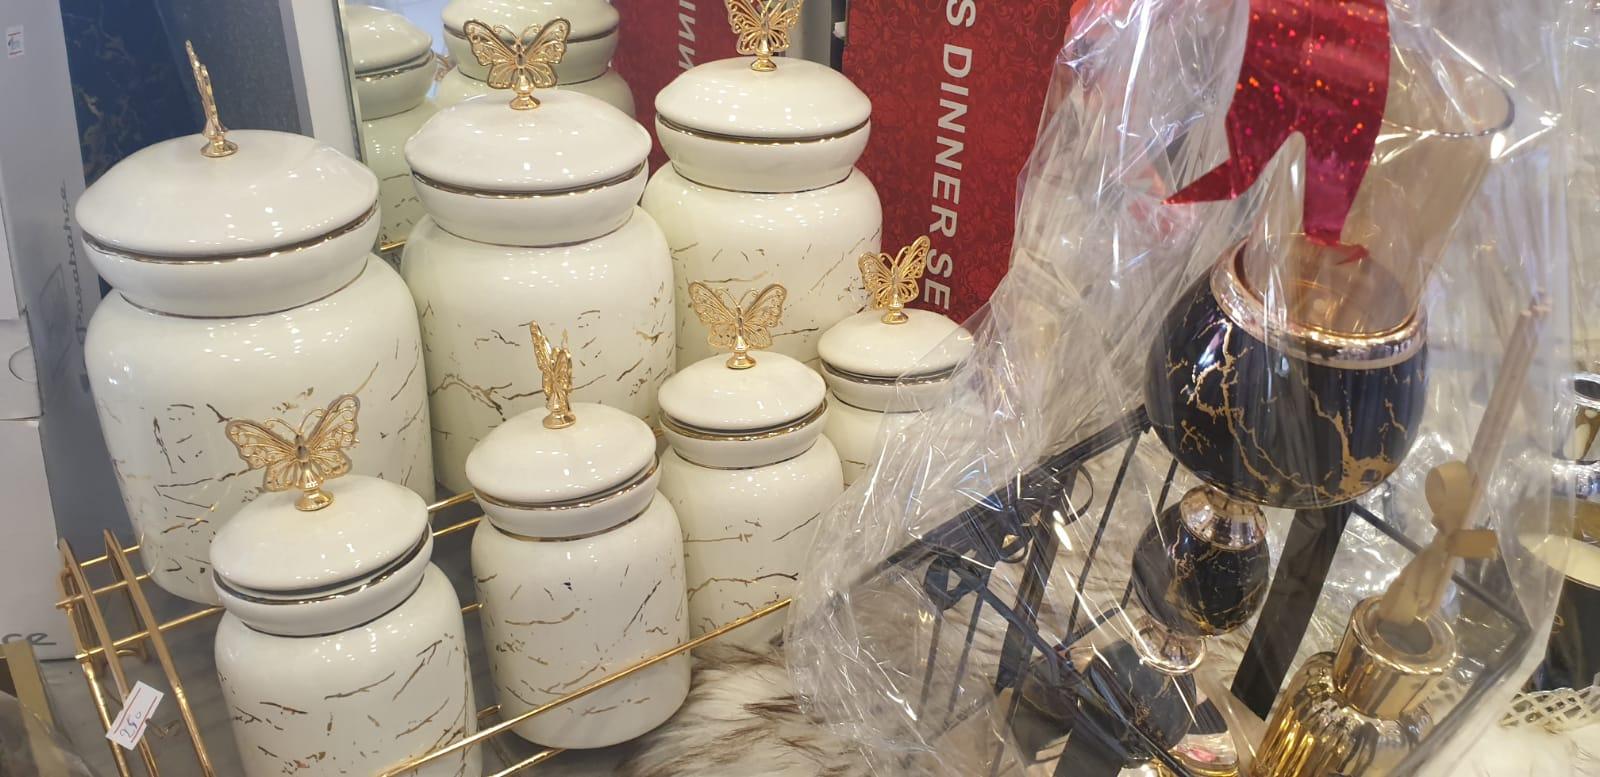 هدايا لعيد الأم - ألعاب، اكسسورات والكثير في محل هدايا نيرمين بيافا